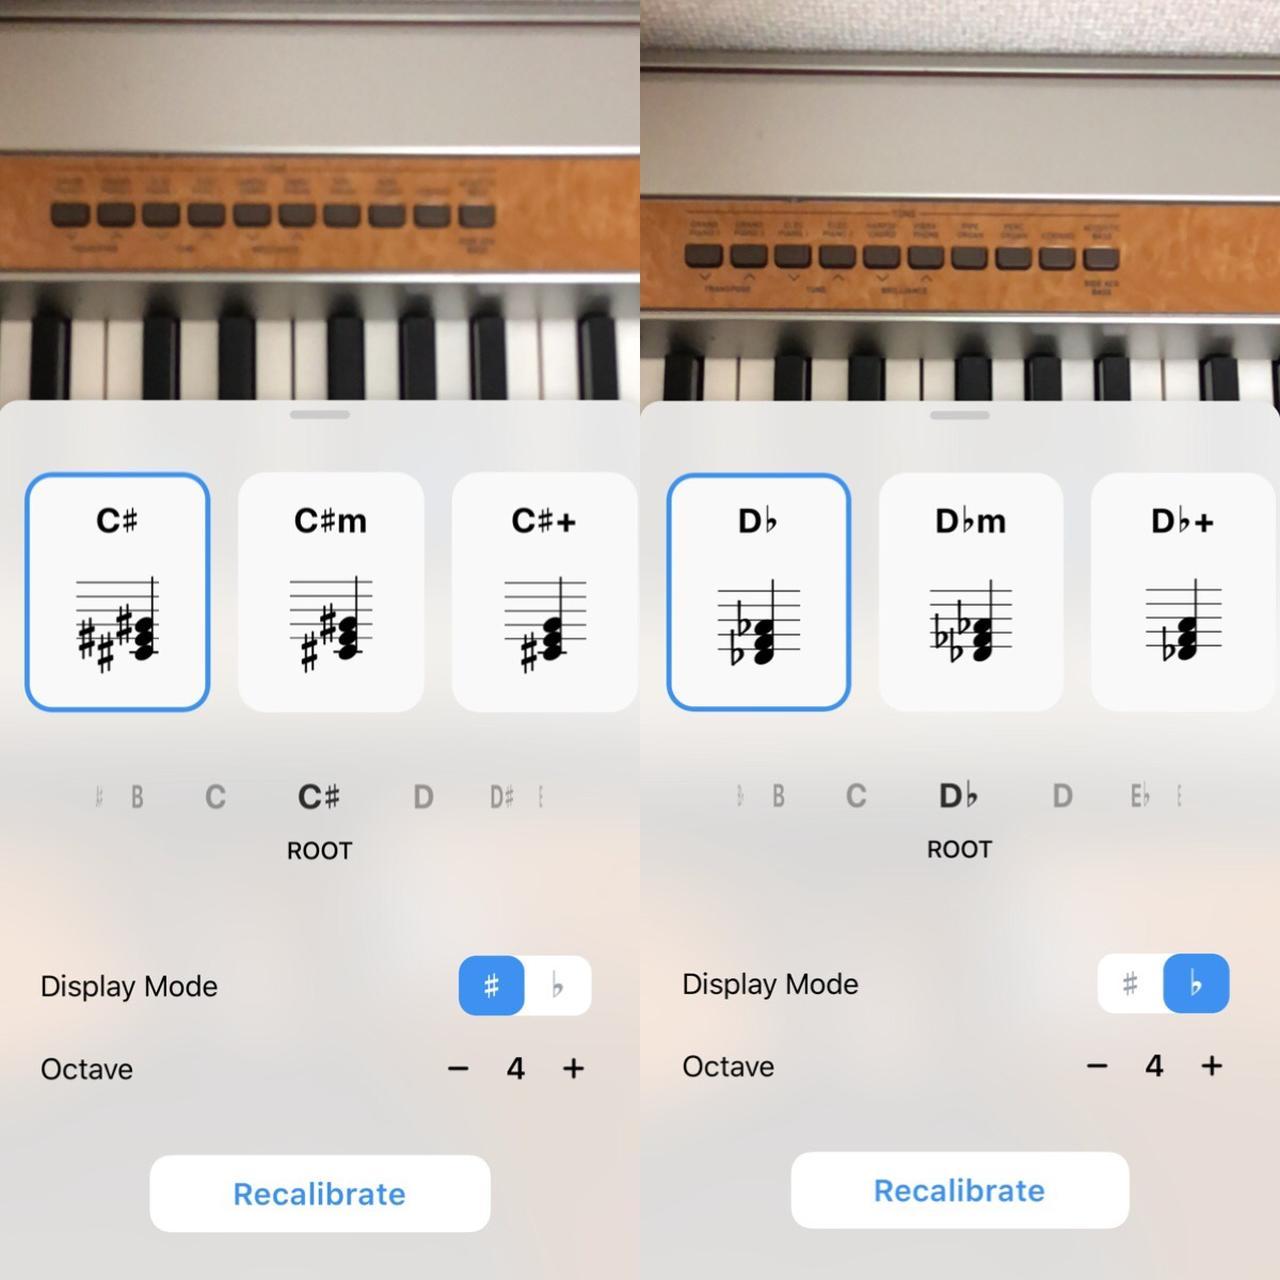 画像4: マーカーが出たところを弾くだけで正しい和音が演奏できる!